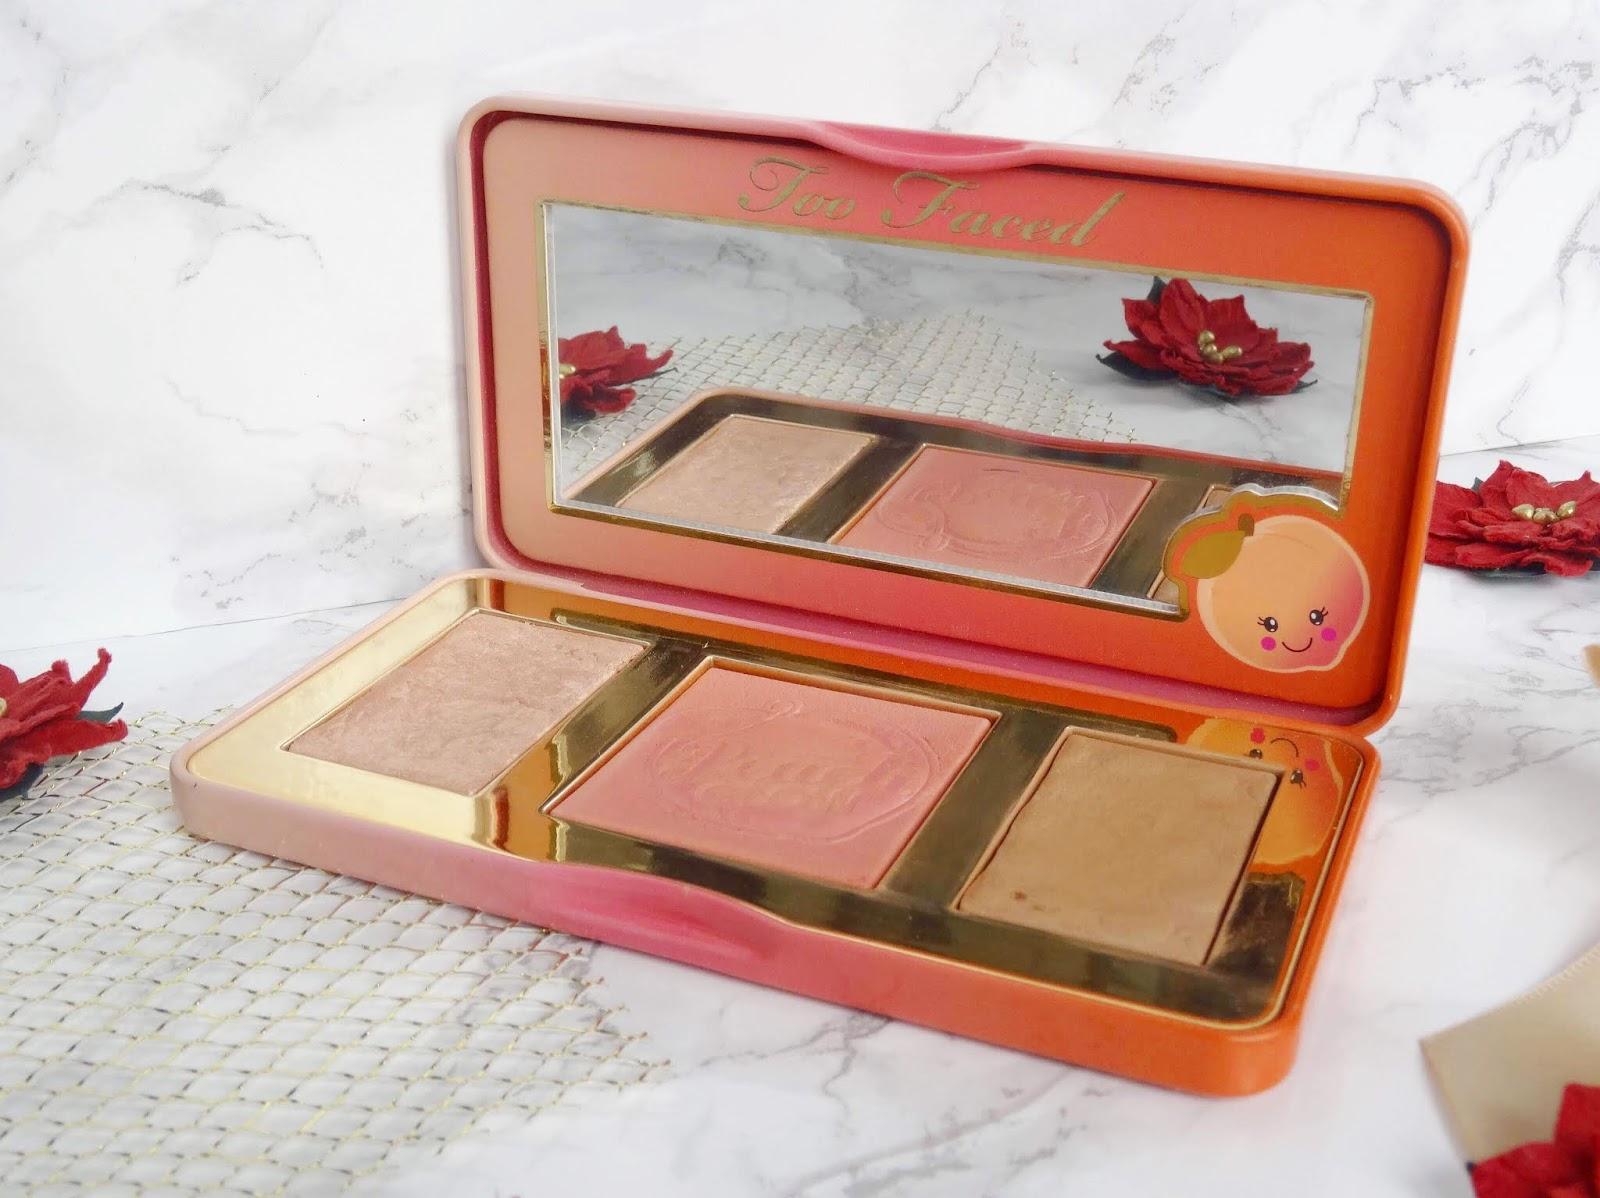 sweet peach palette # 71